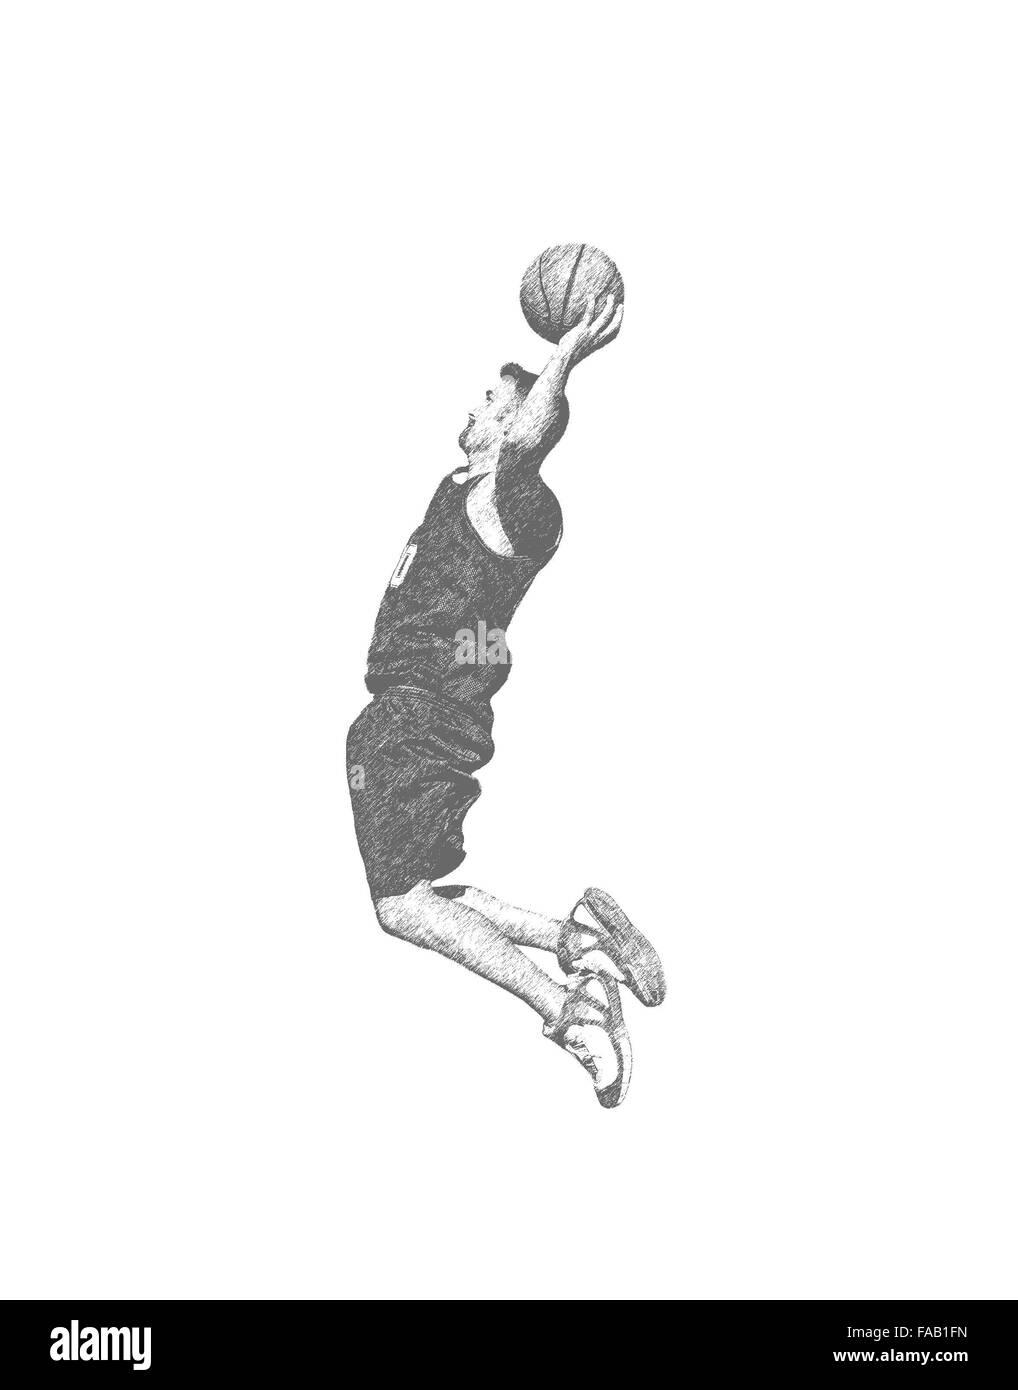 Wunderbar Basketball Schuss Diagramm Vorlage Ideen - Beispiel ...